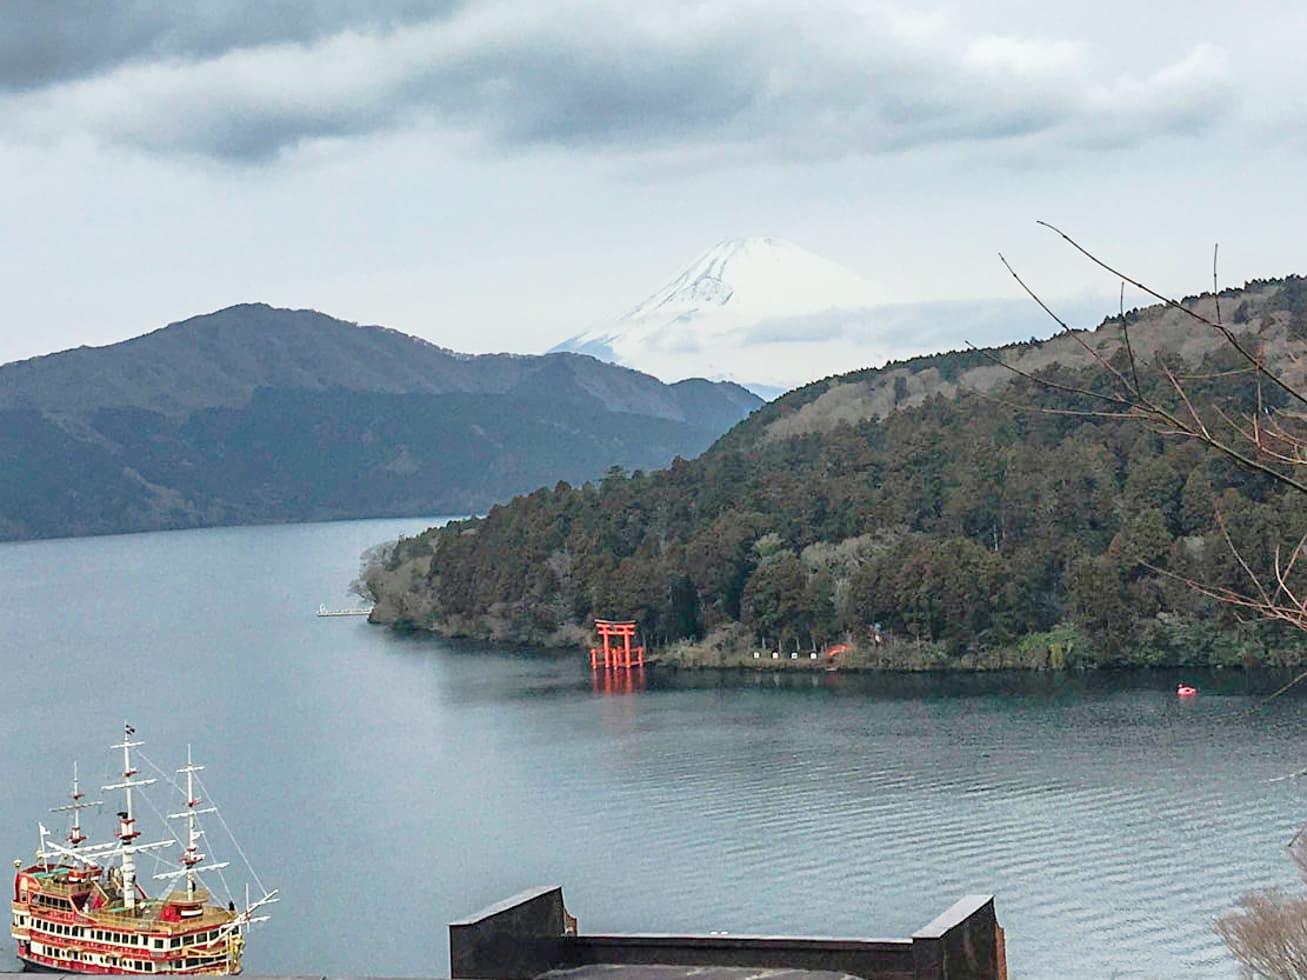 芦ノ湖と富士山の絶景の写真